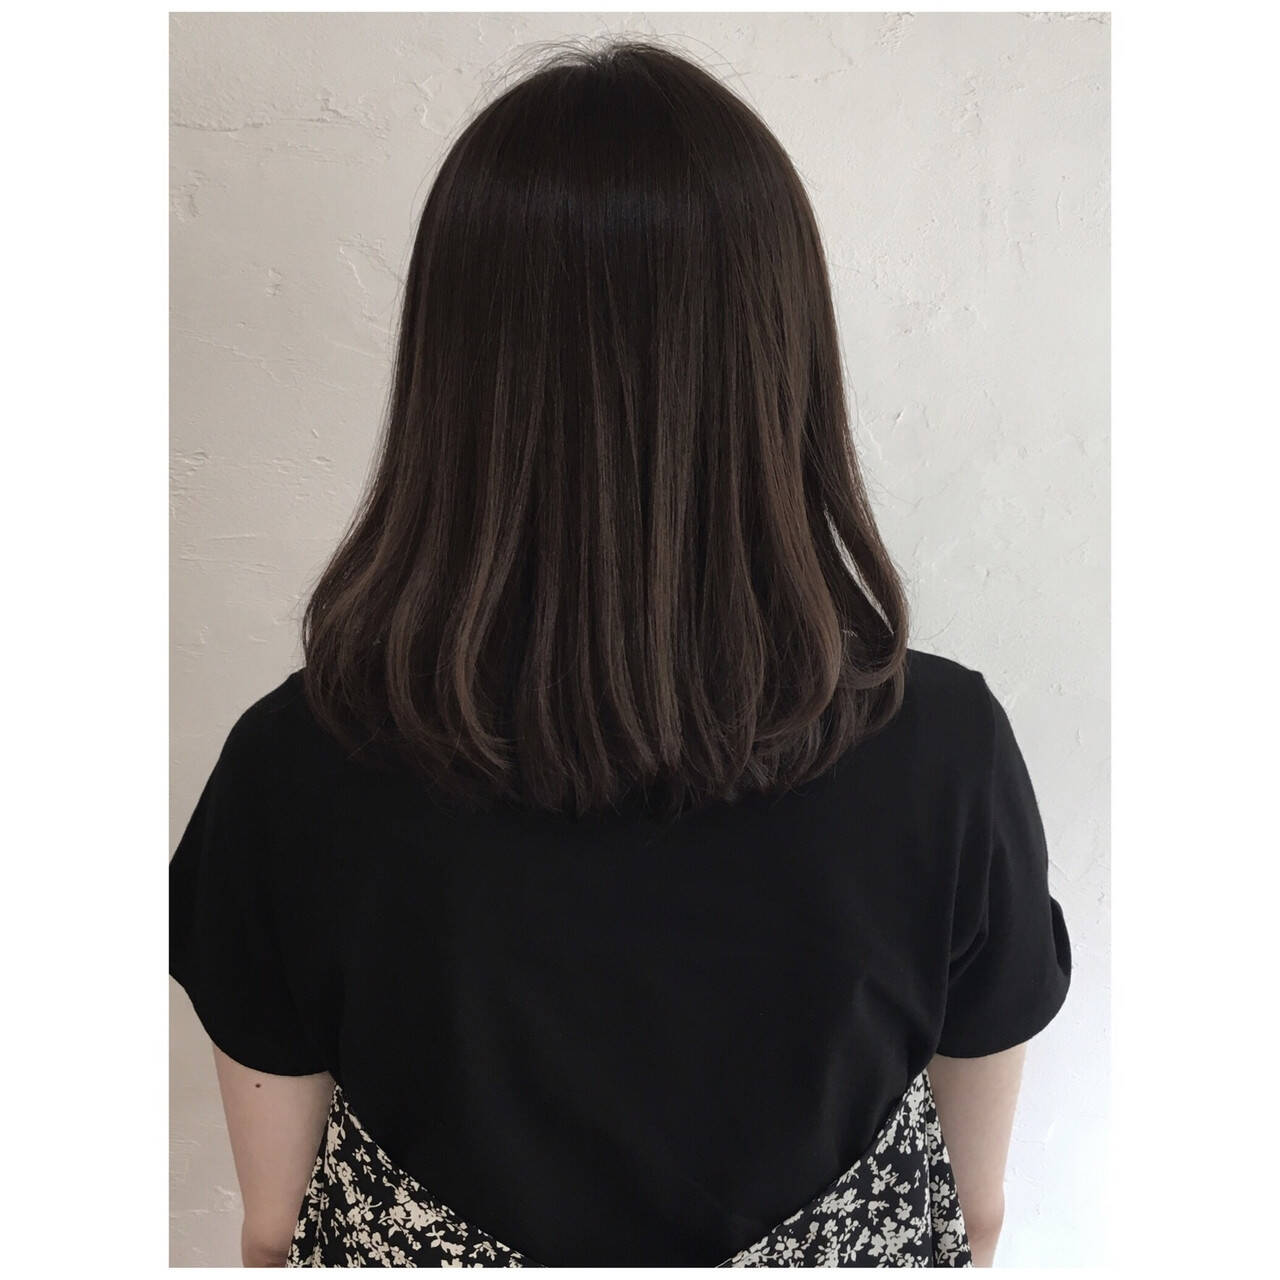 ナチュラル くすみカラー グレージュ ベージュヘアスタイルや髪型の写真・画像